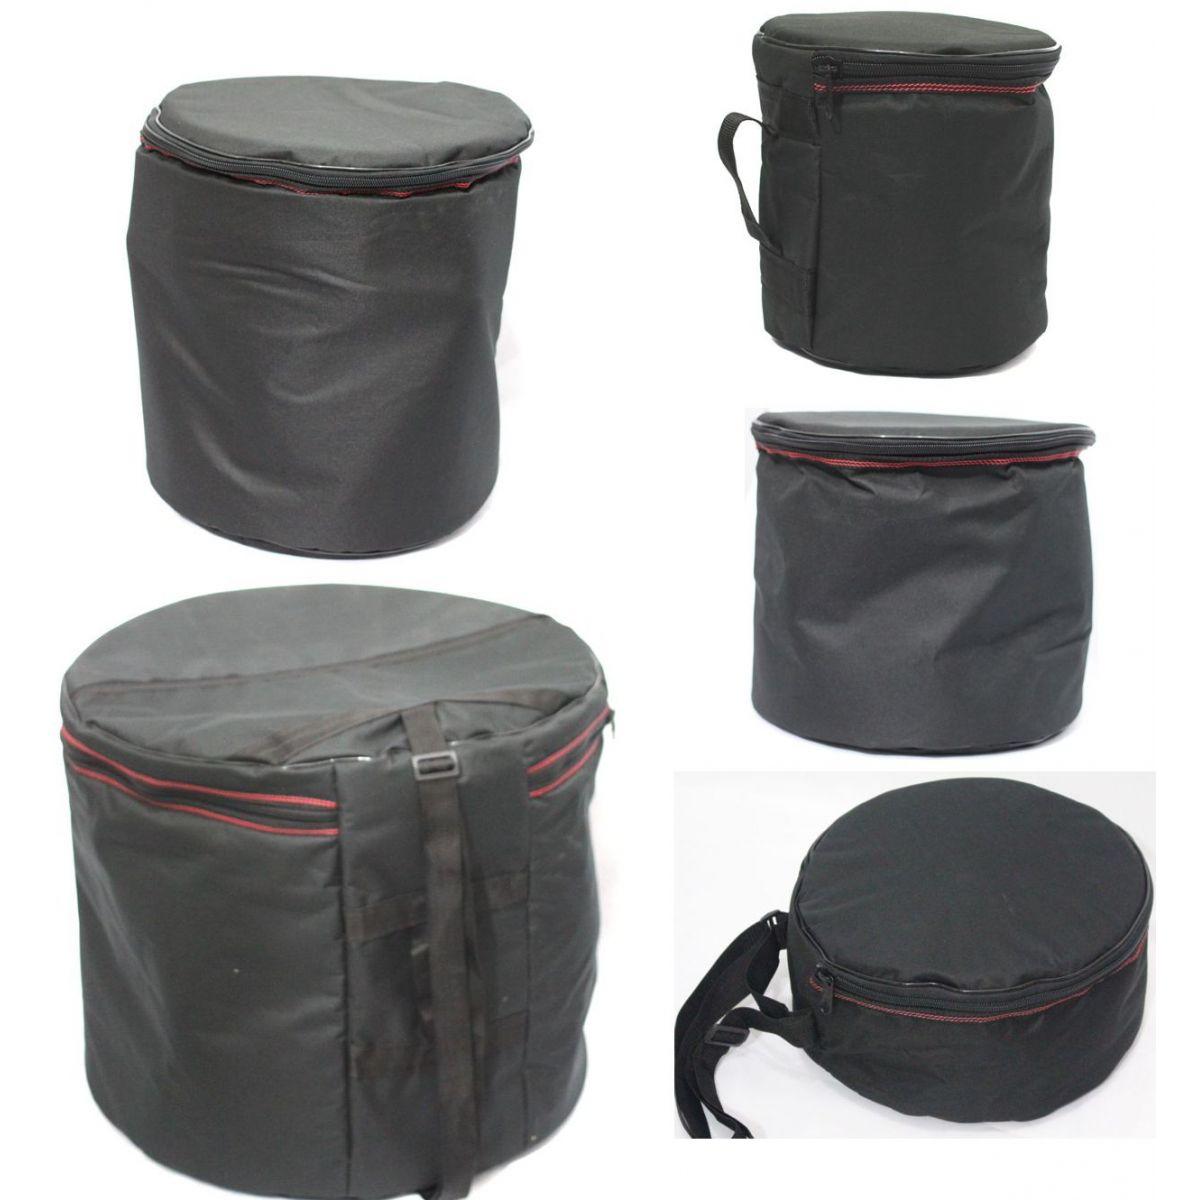 Jogo de BAG CRBAG para Bateria Luxo 5 Peças Estofadas Capas CRBAG Reduzido Fusion - Bumbo 22 (10+12+14+CX14)